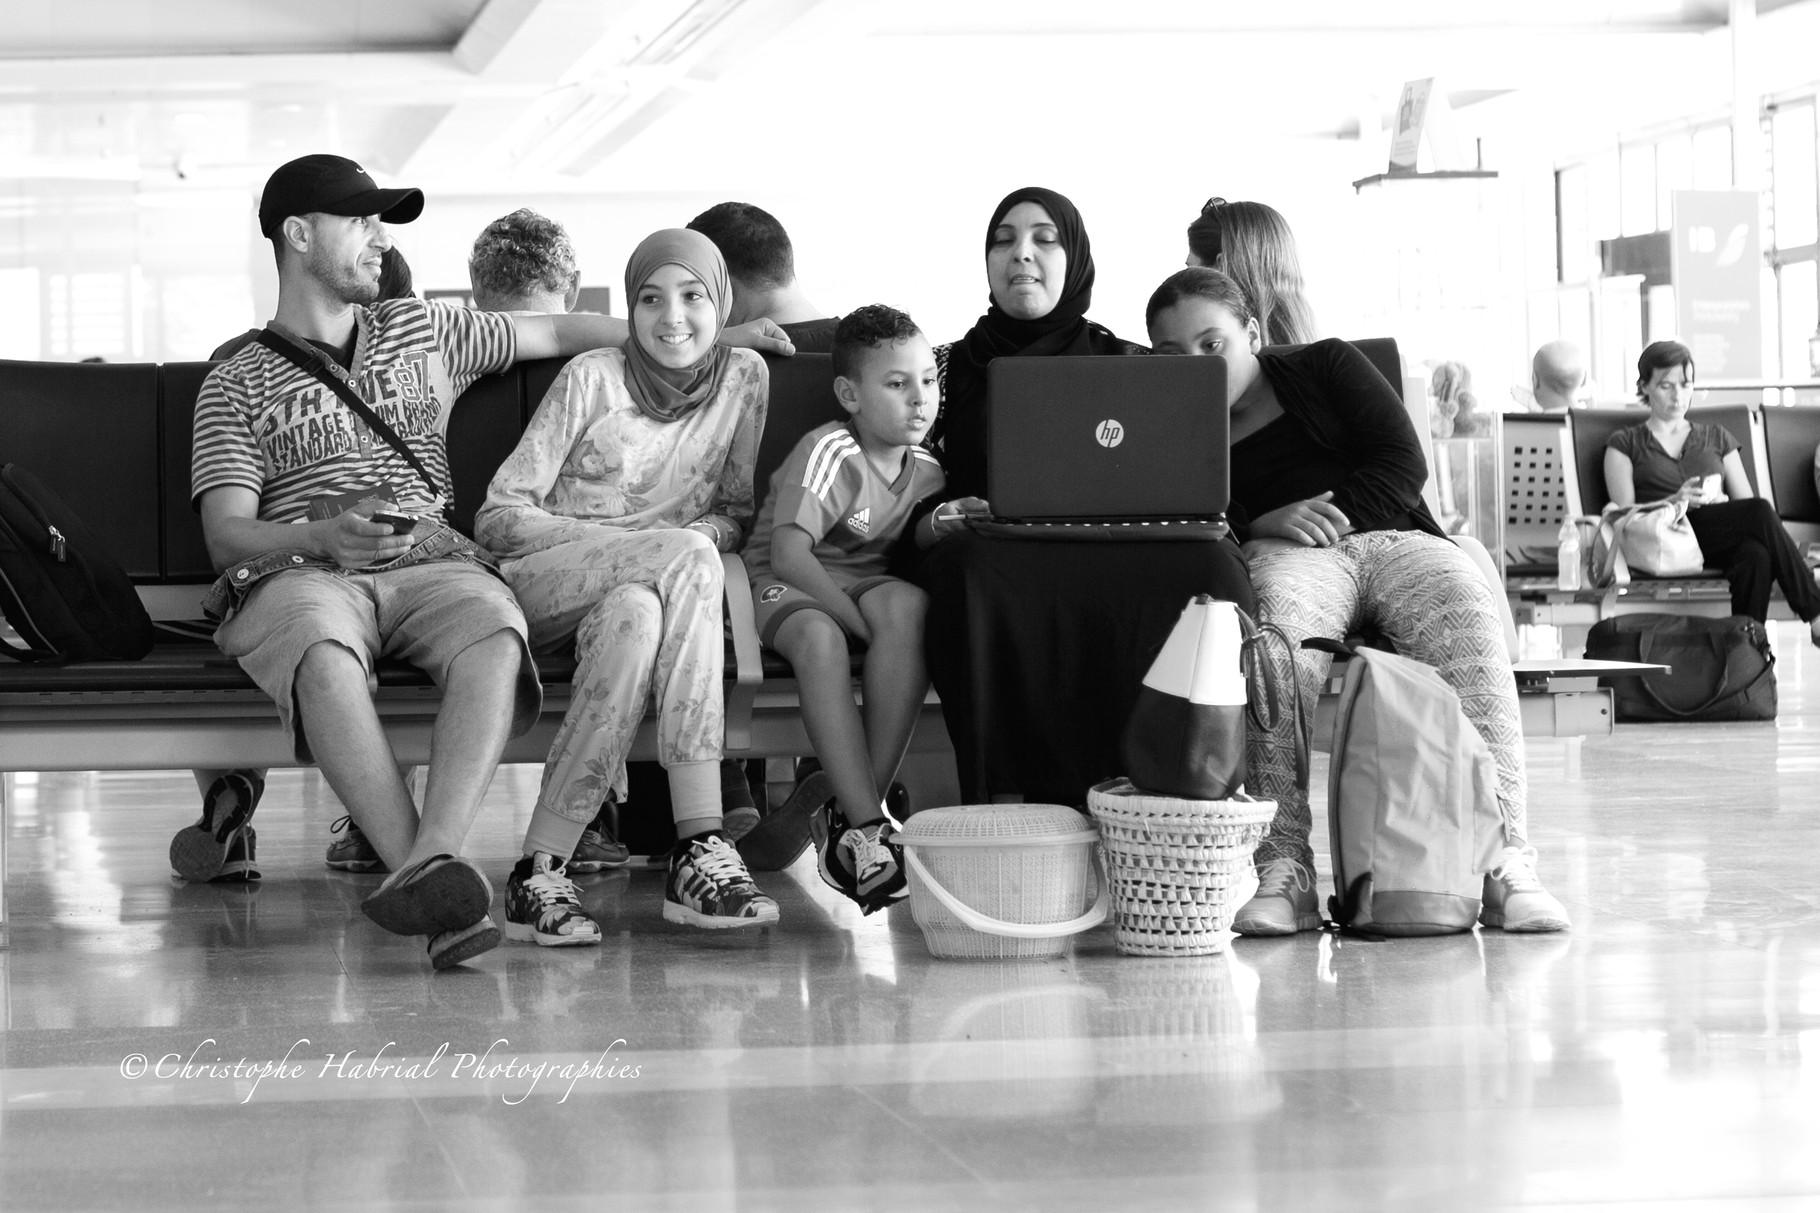 Aéroport de Jerez De La Frontera - Andalousie